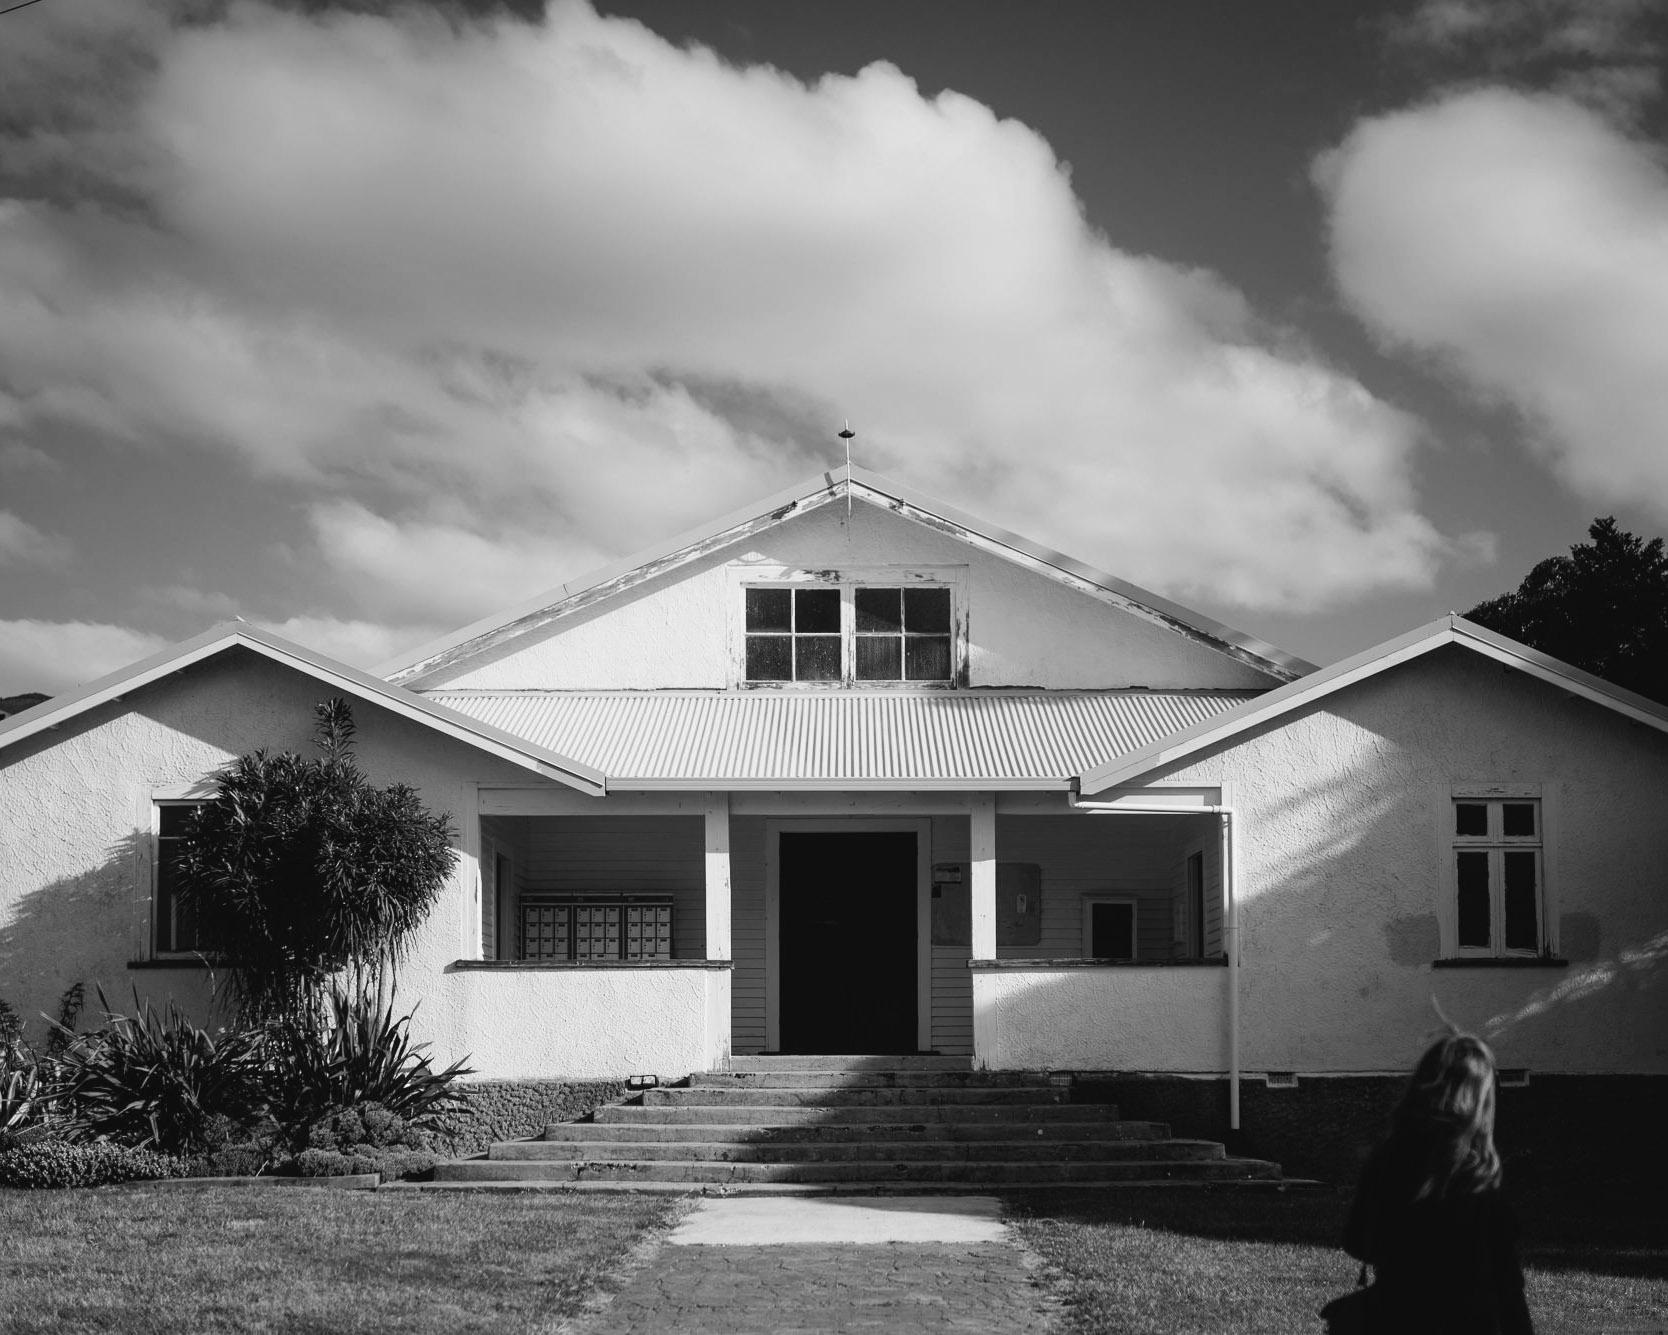 pigeon-bay-house-4x5.jpg